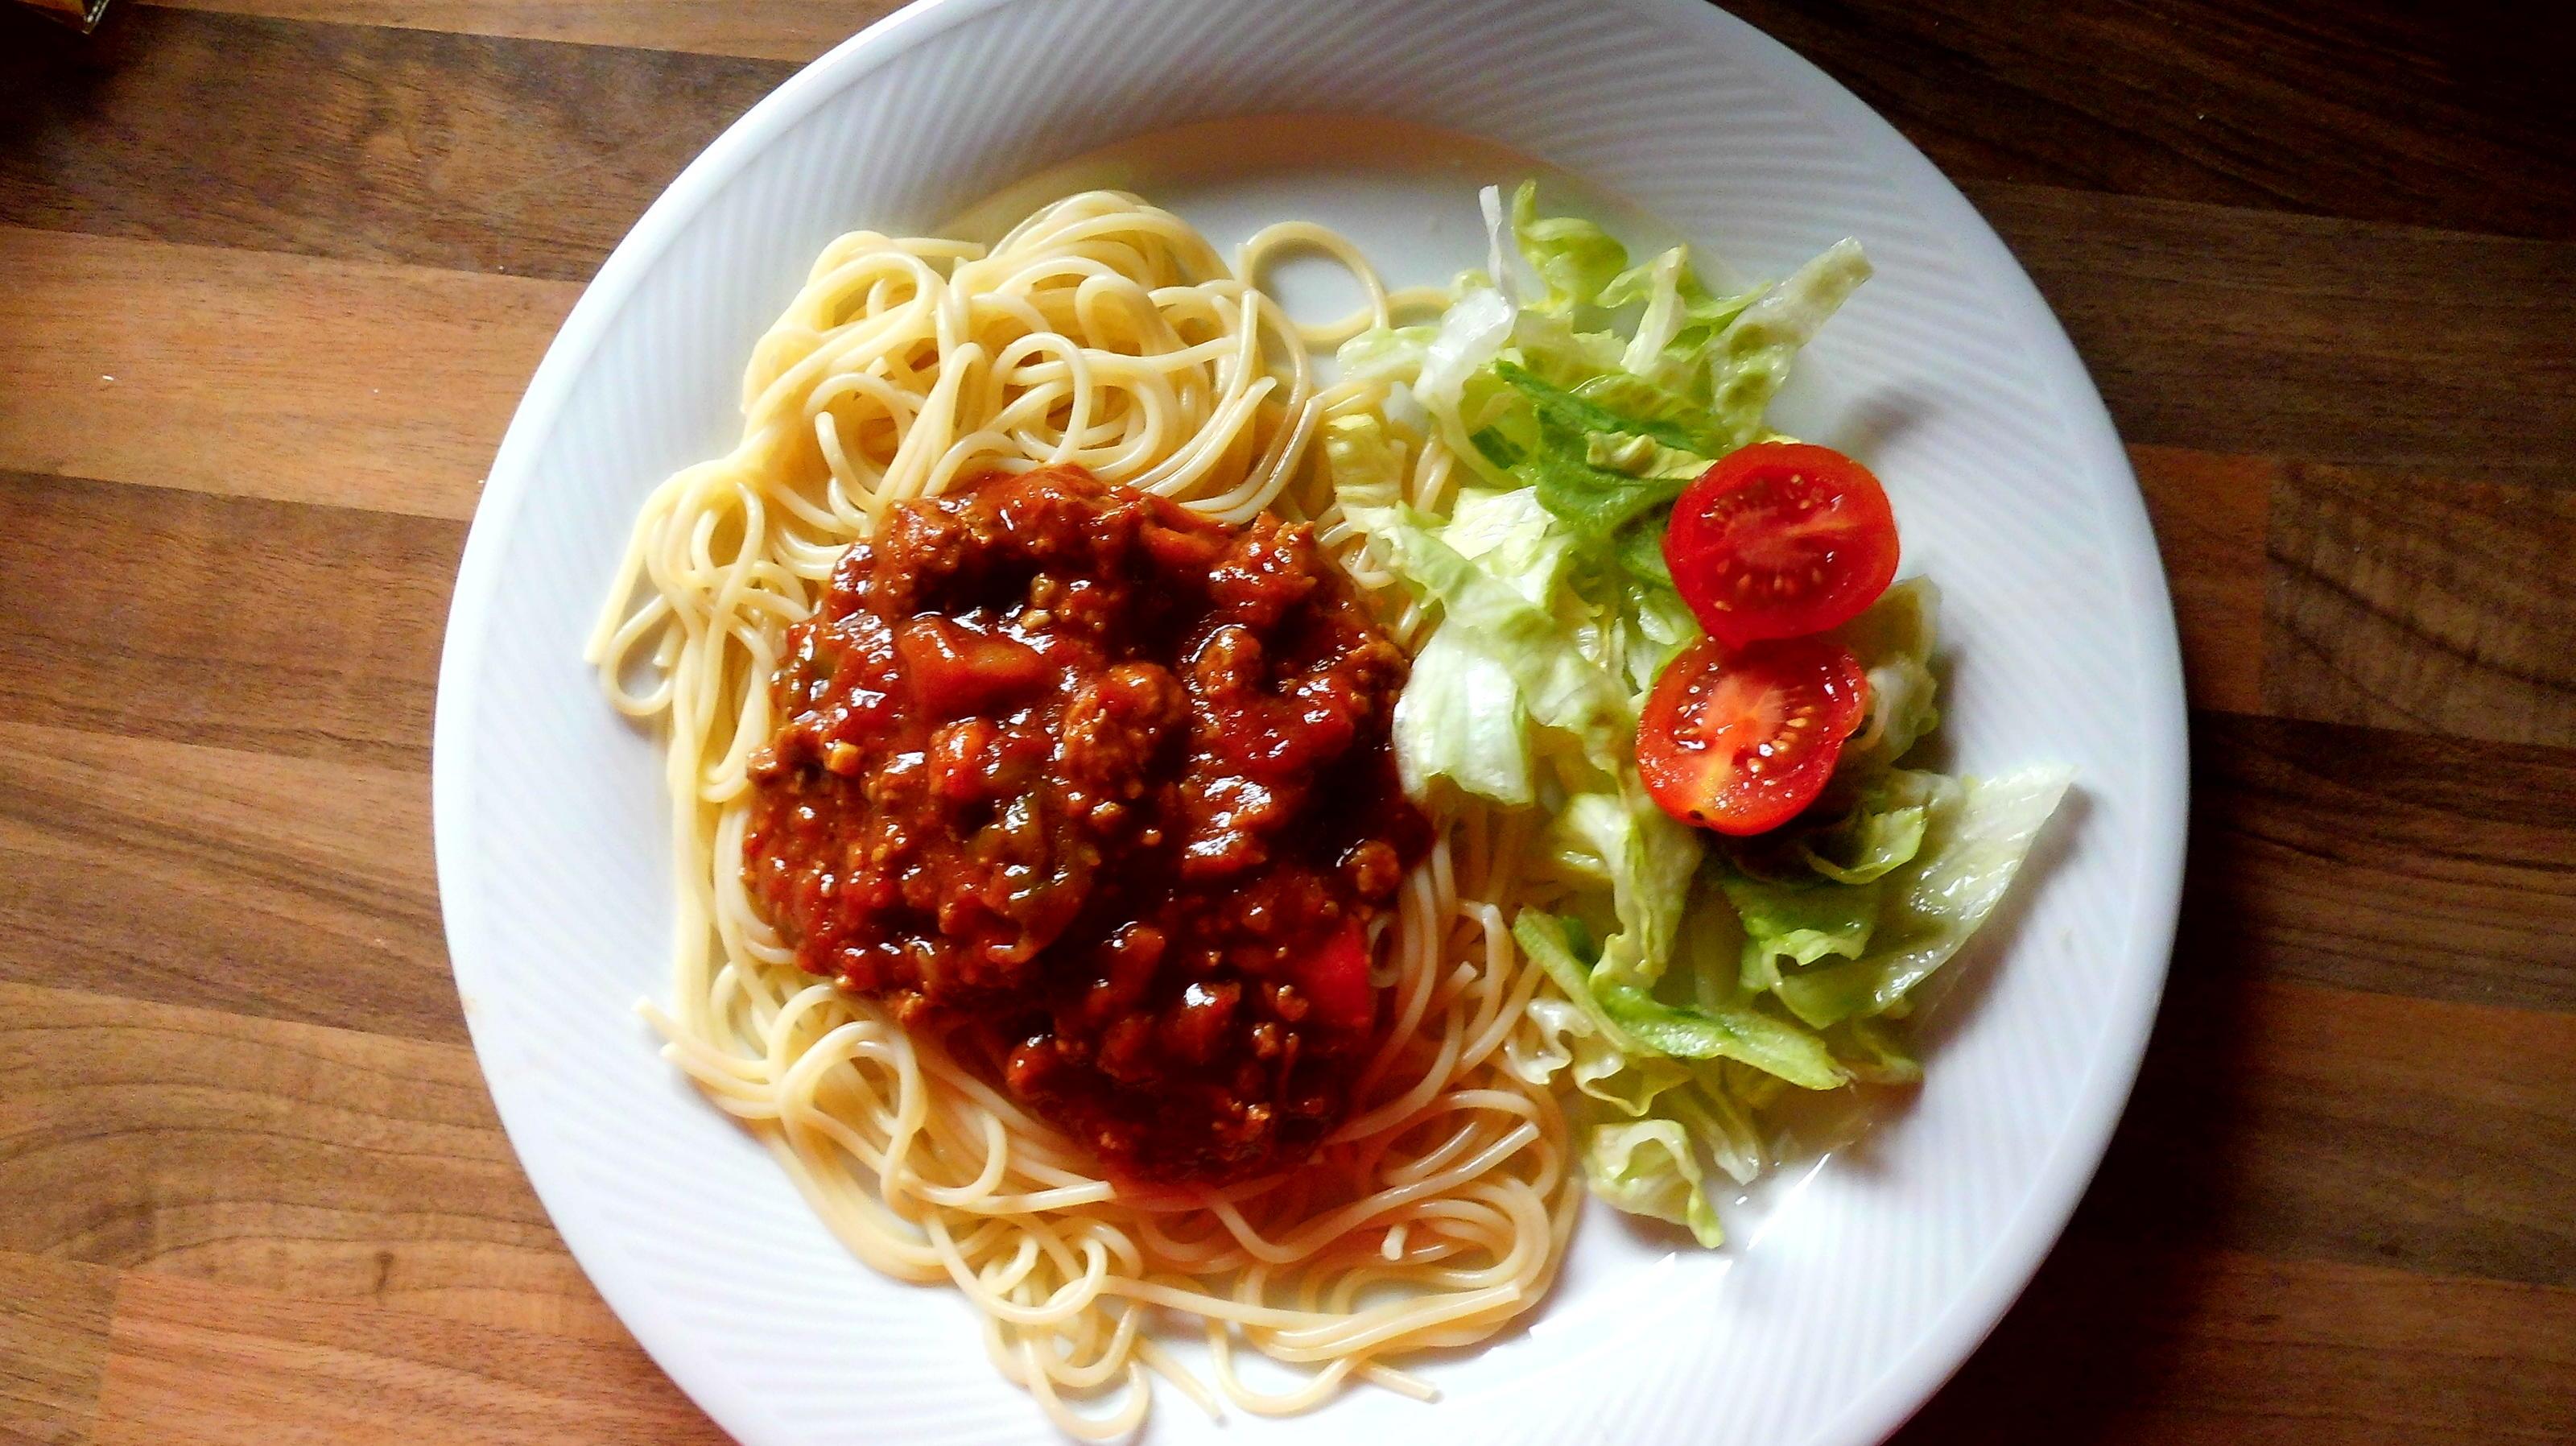 hackfleisch-tomatensosse - Rezept Gesendet von sternschnuppe23